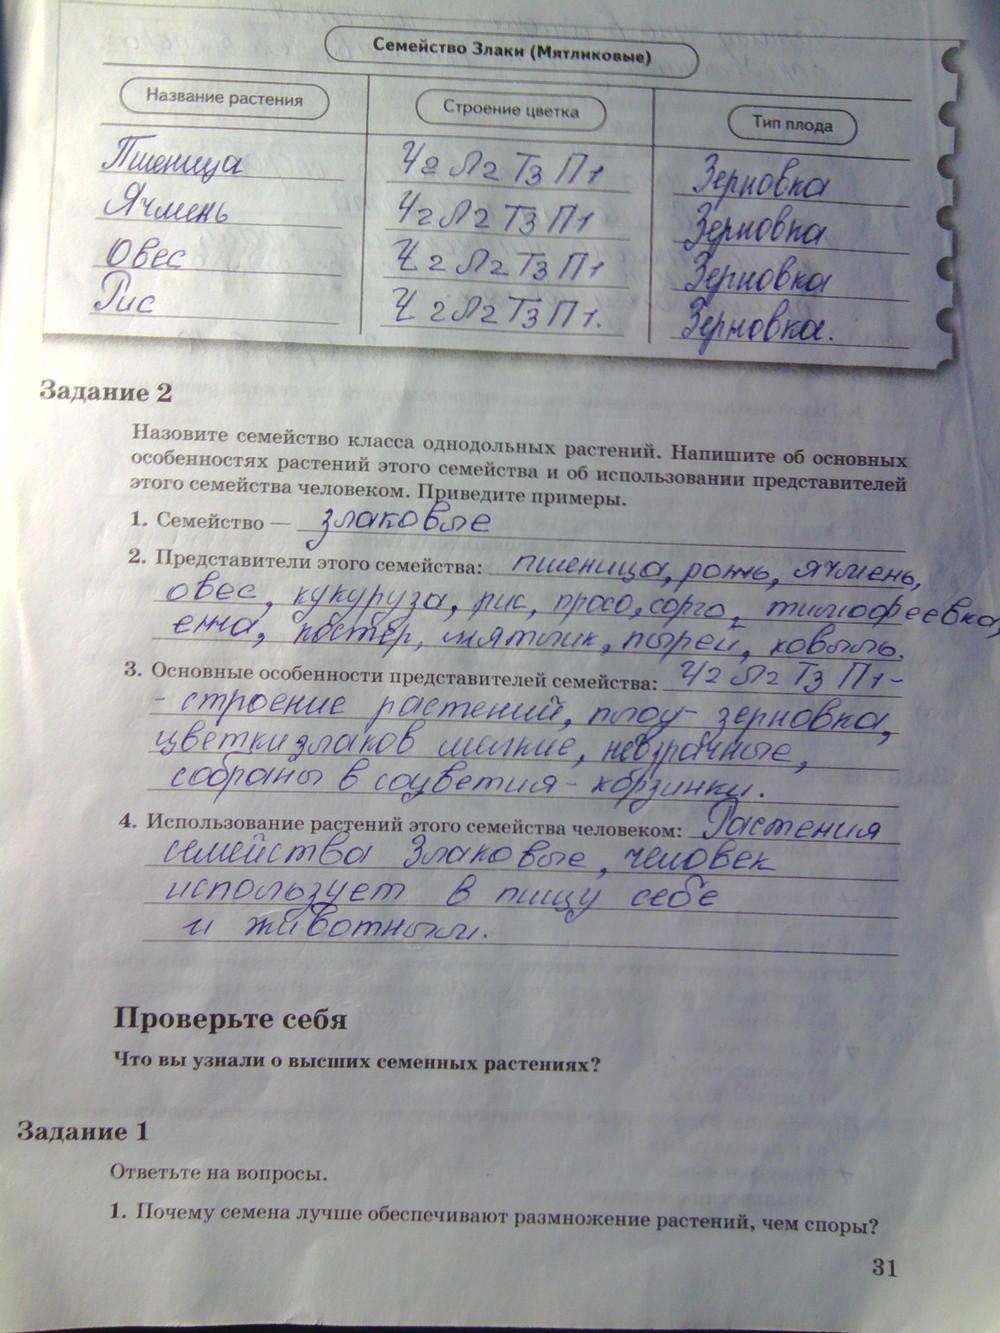 Гдз по биологии в рабочей тетради 9 класс пономарева панина корнилова